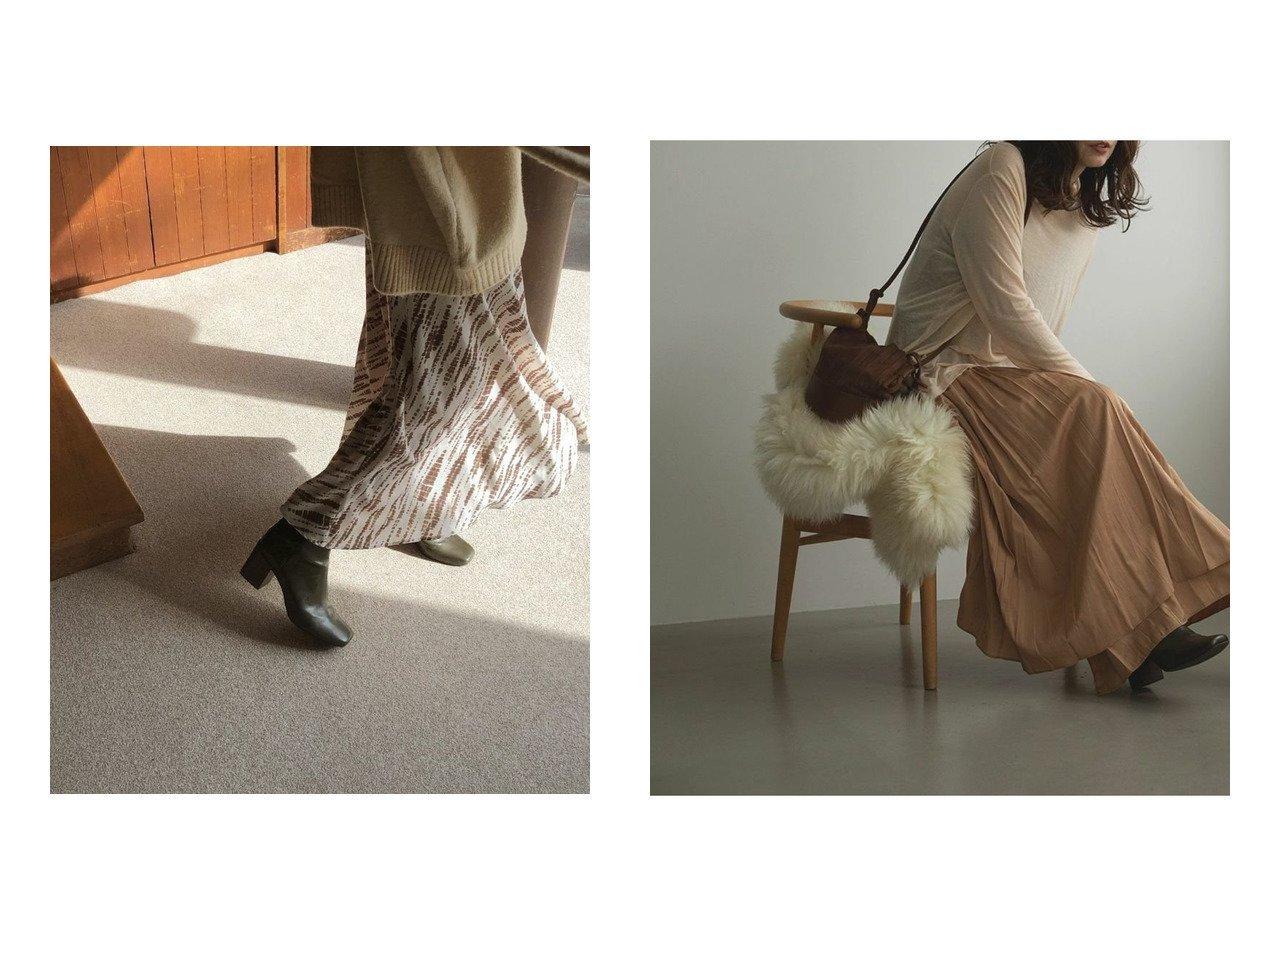 【marjour/マージュール】のラインドットスカート LINEDOT SKIRT&シャイニーロングスカート SHINY LONG SKIRT マージュールのおすすめ!人気、トレンド・レディースファッションの通販 おすすめで人気の流行・トレンド、ファッションの通販商品 メンズファッション・キッズファッション・インテリア・家具・レディースファッション・服の通販 founy(ファニー) https://founy.com/ ファッション Fashion レディースファッション WOMEN スカート Skirt ロングスカート Long Skirt 春 Spring 秋 Autumn/Fall 今季 ジャケット スウェット タイツ ドット 長袖 フィット フレア マーメイド 冬 Winter S/S 春夏 SS Spring/Summer おすすめ Recommend カットソー ジョーゼット バランス ラップ レギンス  ID:crp329100000021544